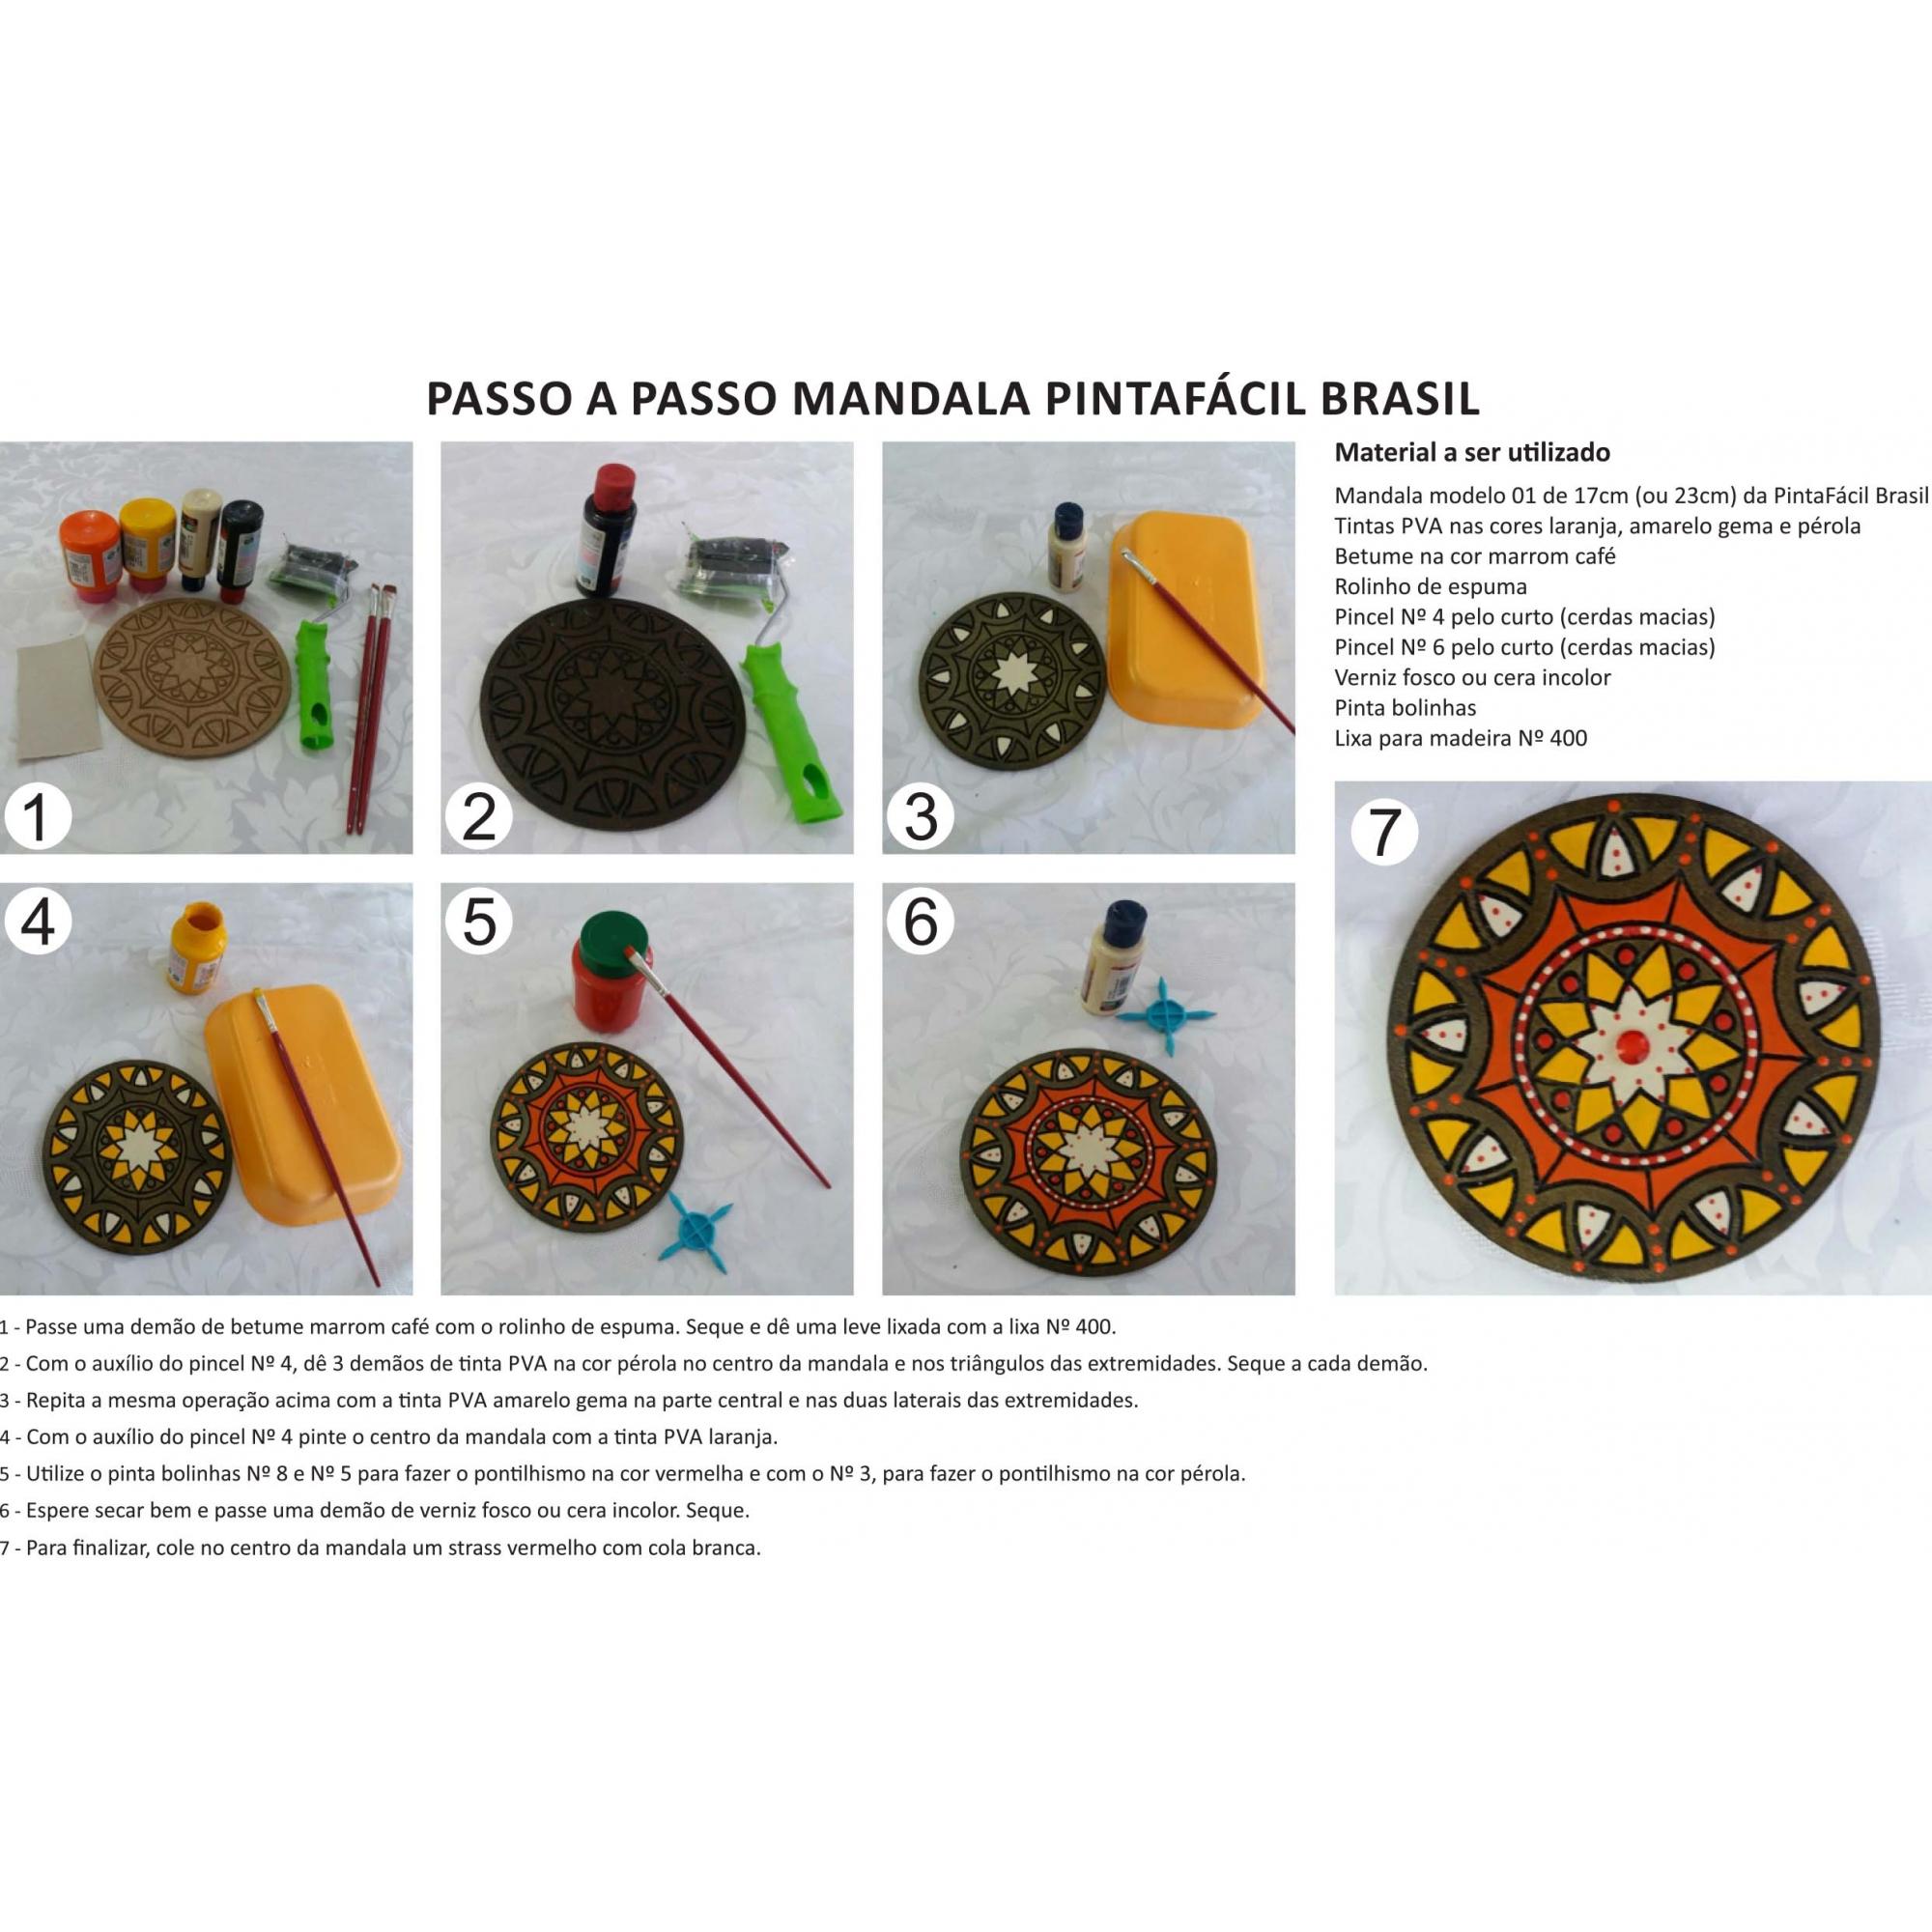 Kit 4 Peças Ganesha em Mdf Cru 30xh42cm para Pintar